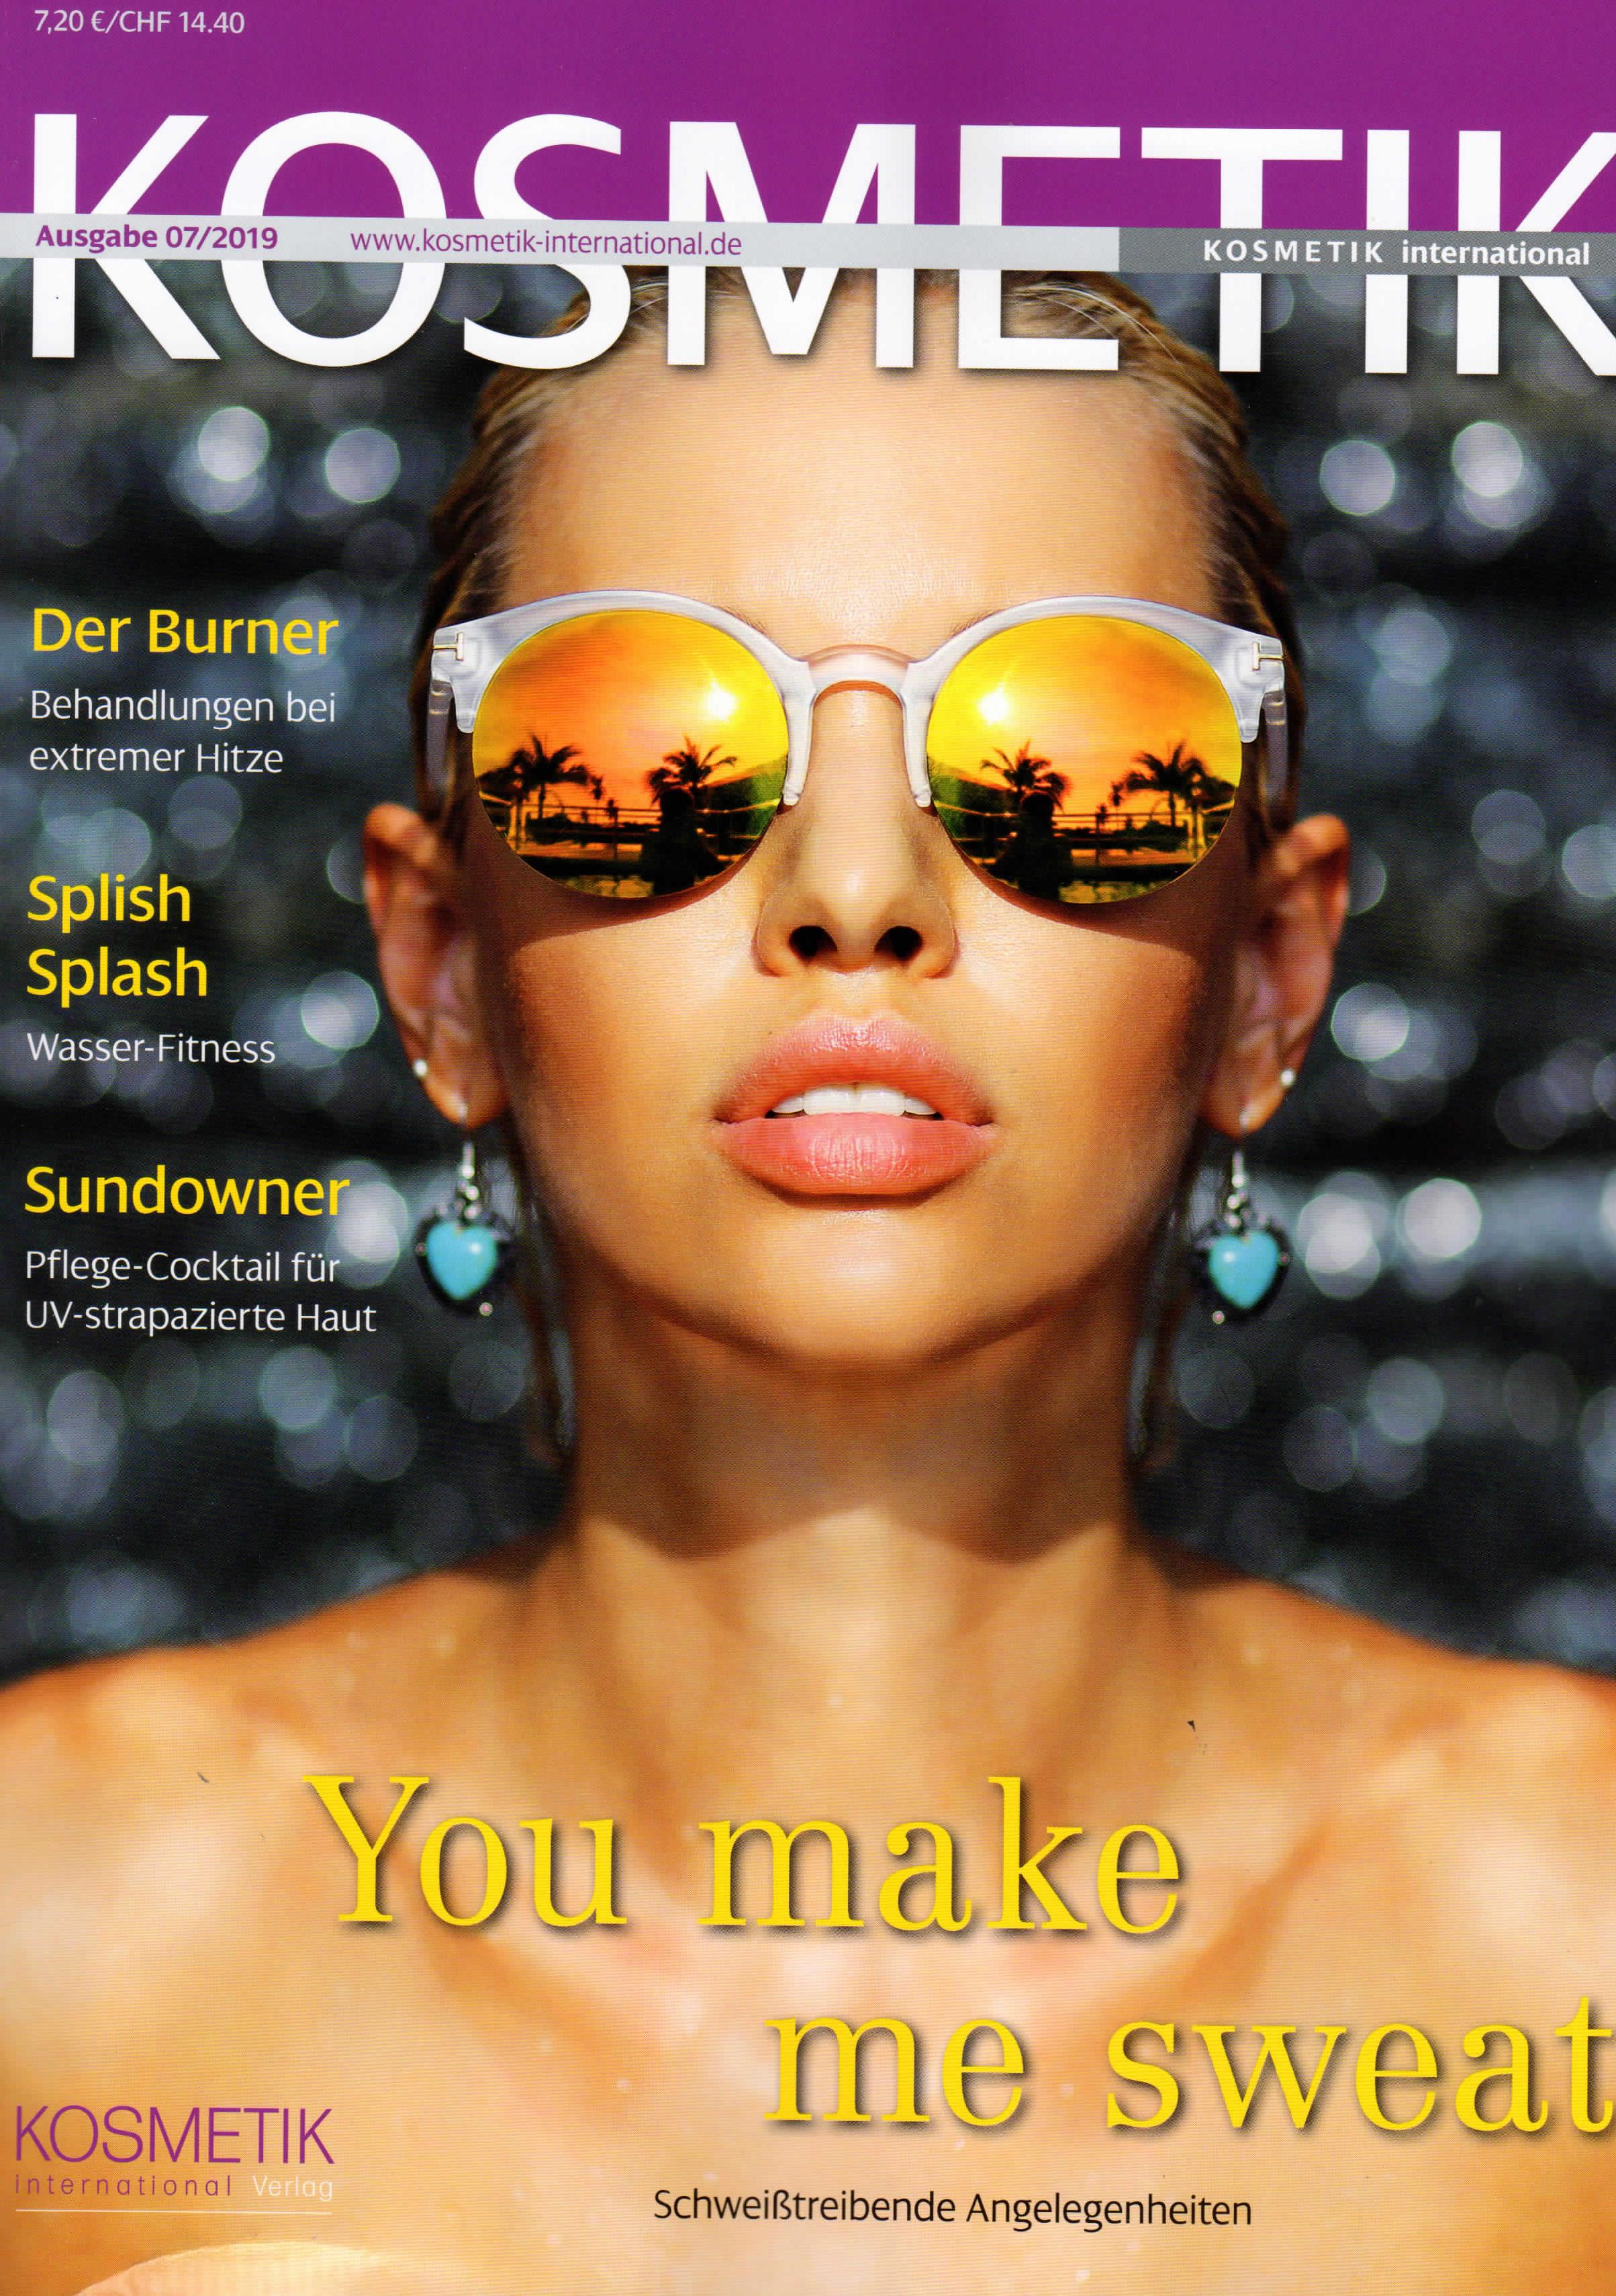 Coole Tasche u. Entspannt aufgelegt, Kosmetik International im Juli 2019